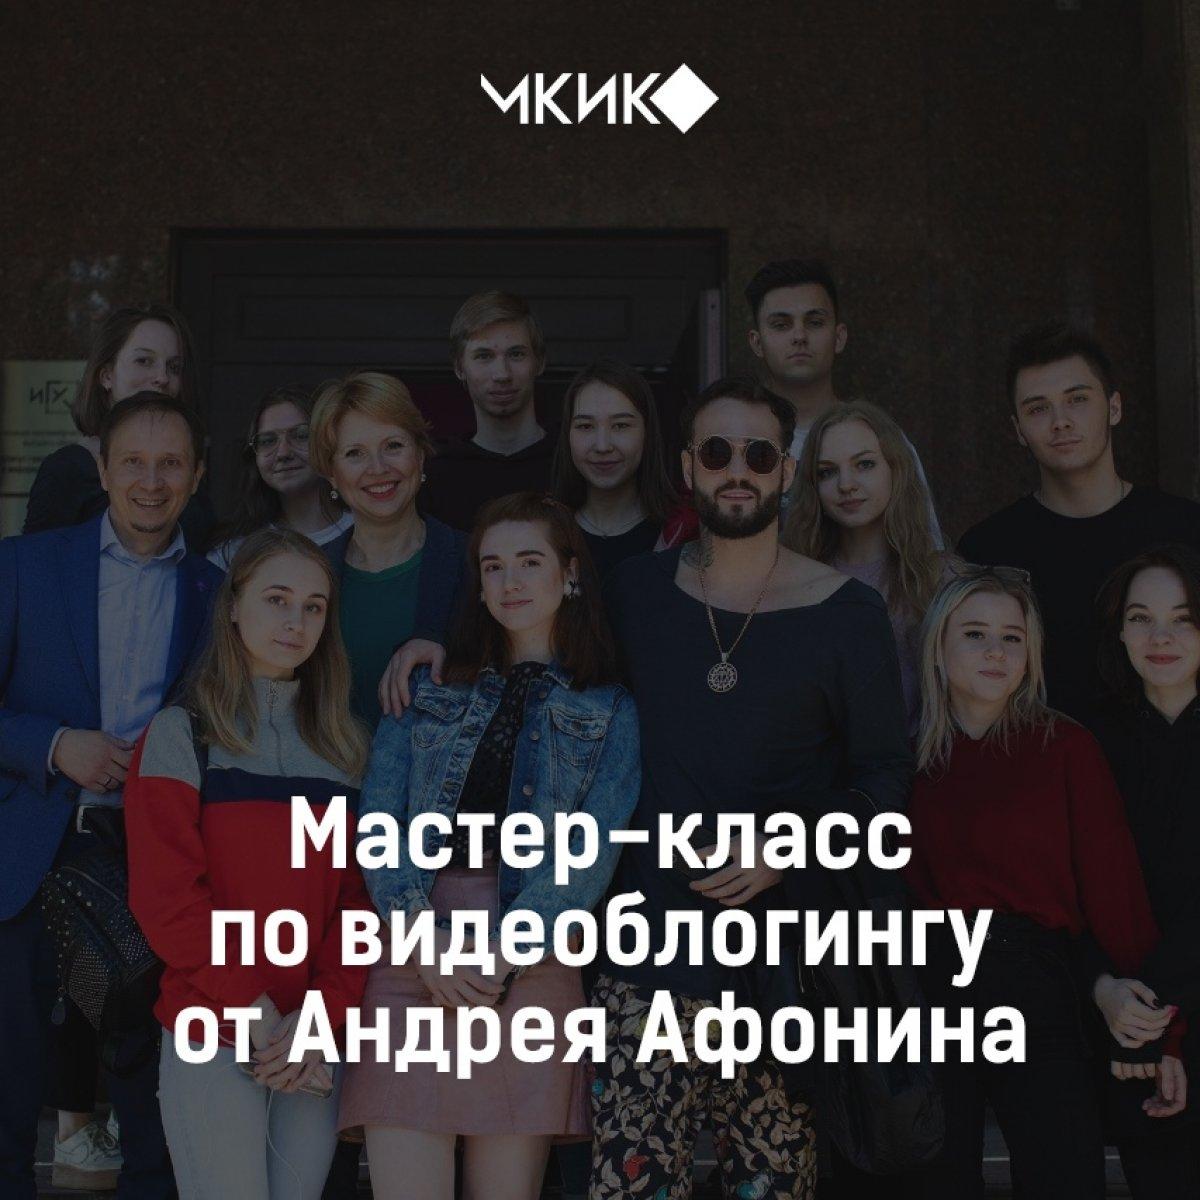 Андрей Афонин, наш выпускник, создатель популярного YouTube-канала Афоня TV, провел мастер-класс в МКИК.